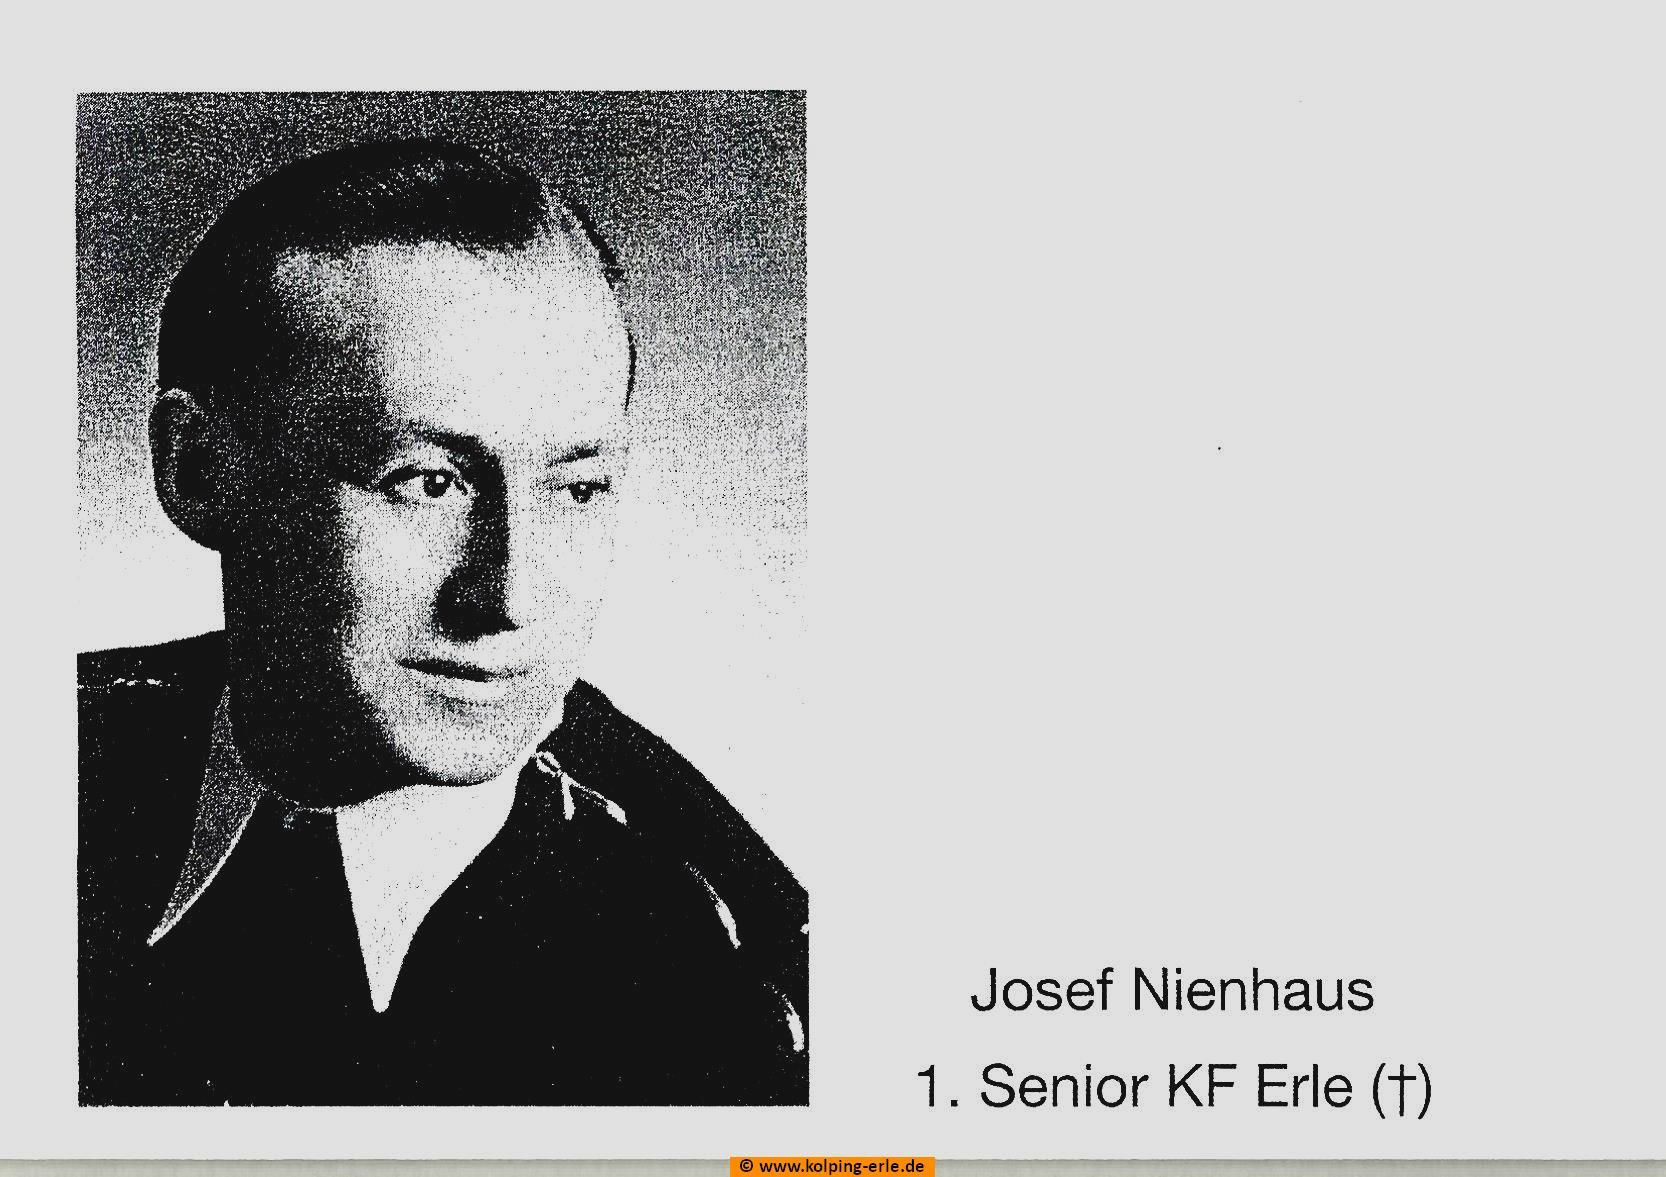 Josef Nienhaus